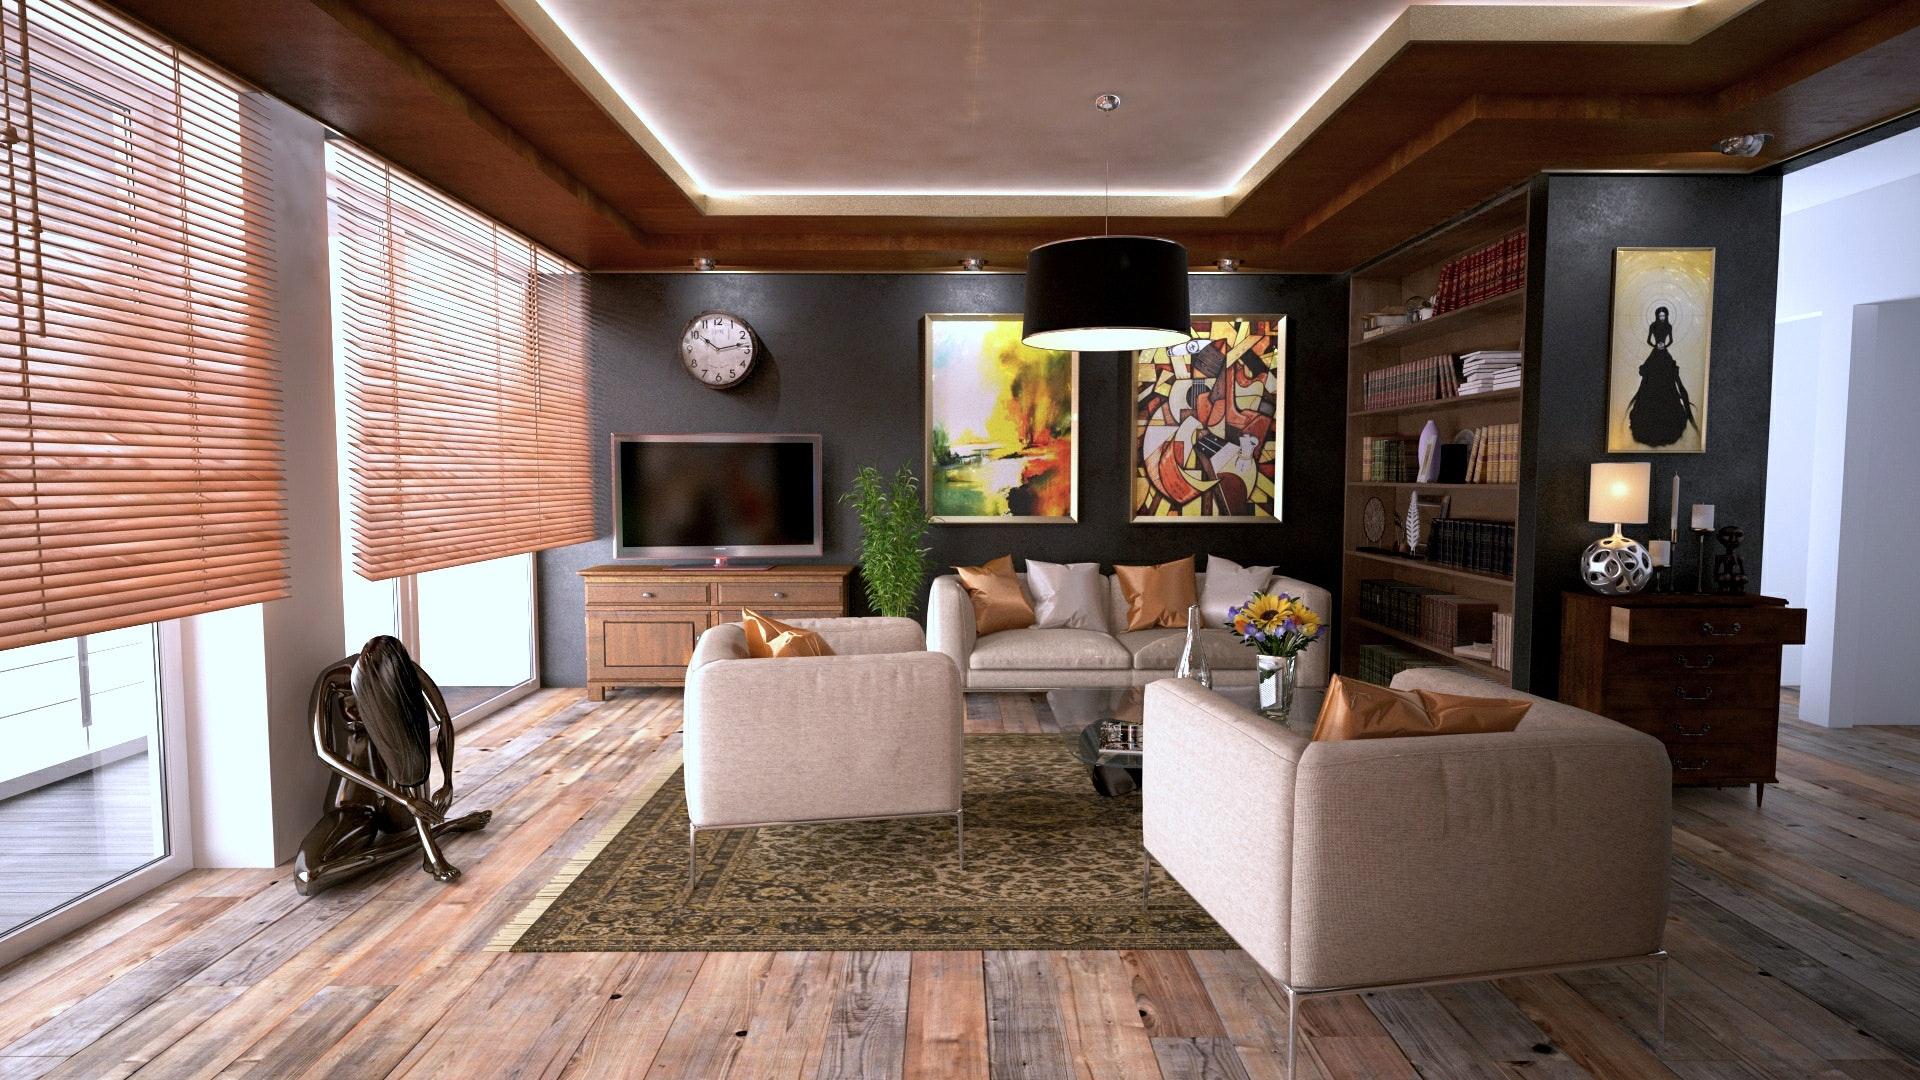 Online Interior Design by Black Cat Interiors